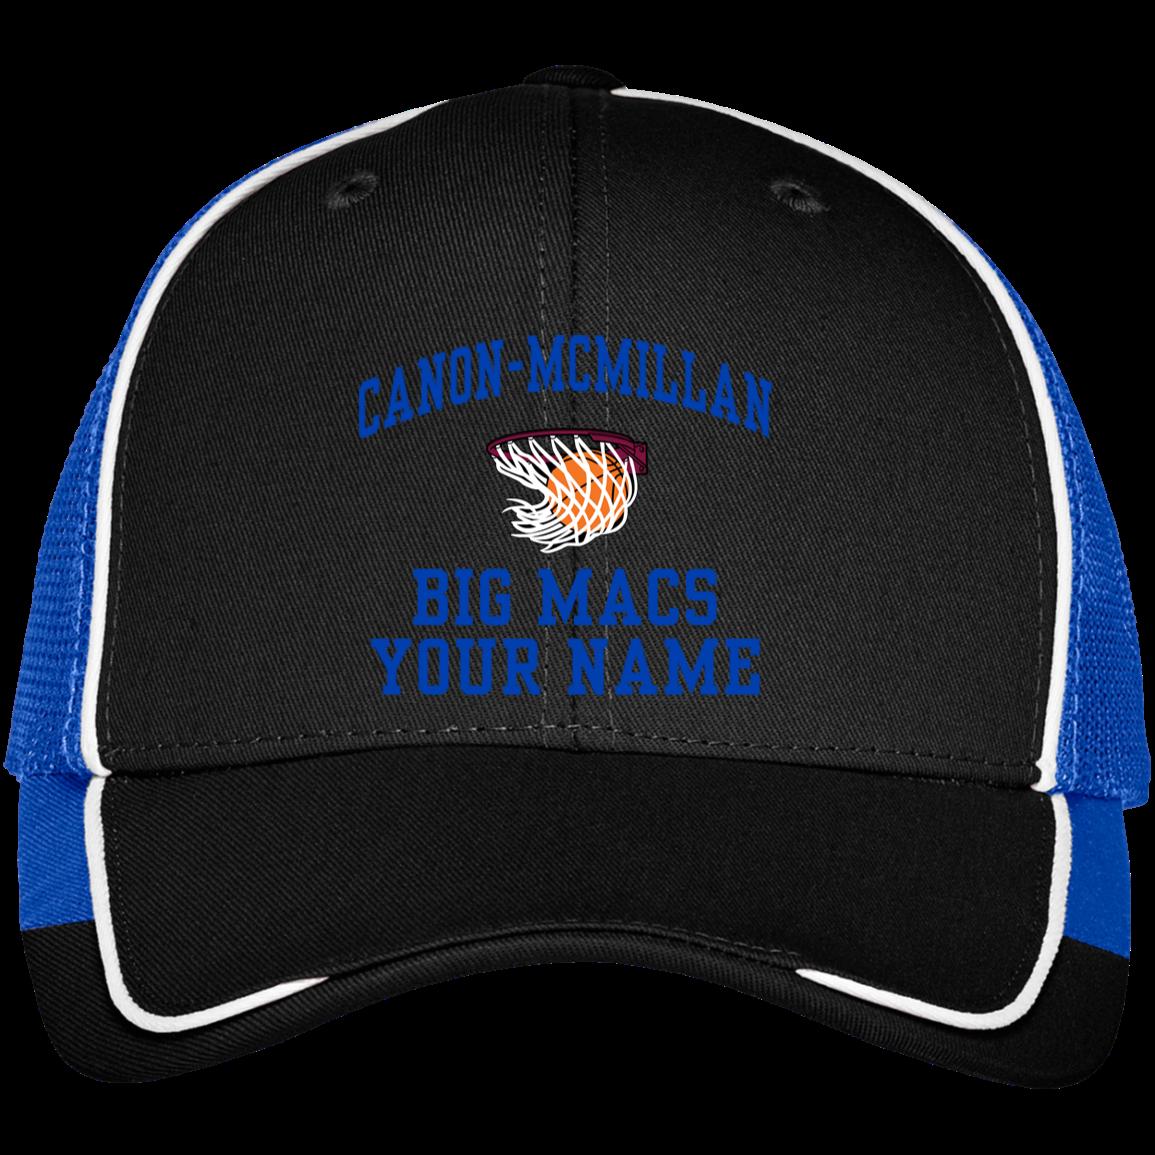 4ba92a209 Canon-McMillan Senior High School Colorblock Mesh Back Cap ...